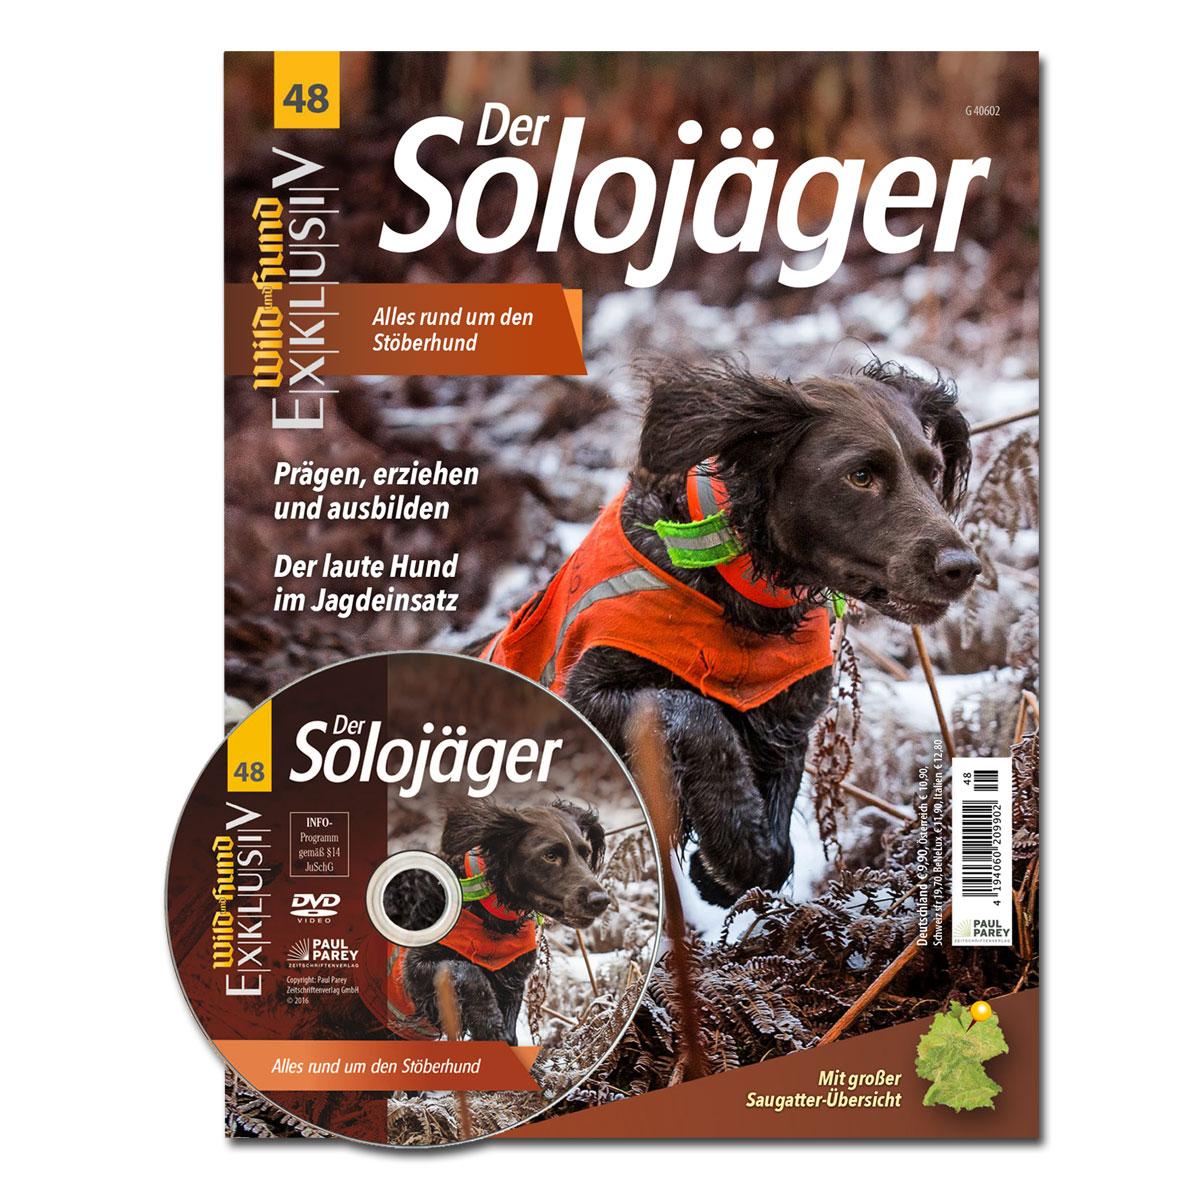 WILD UND HUND Exklusiv Nr. 48: Der Solojäger - Alles rund um den Stöberhund inkl. DVD im Pareyshop